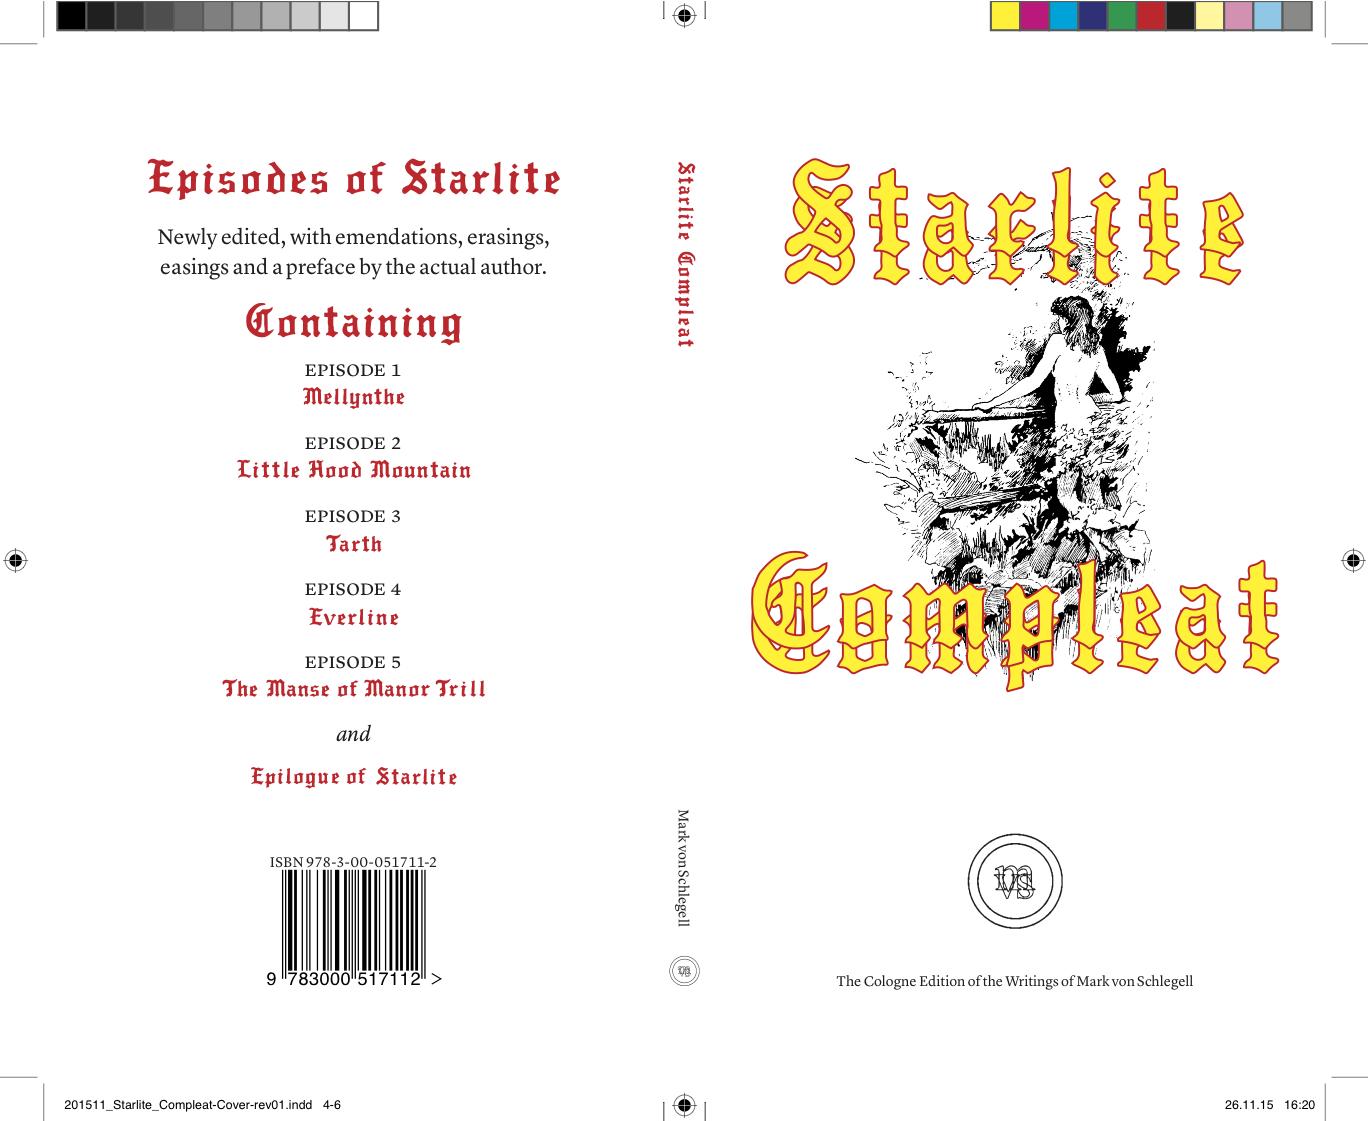 201511_Starlite_Compleat-Cover-rev01